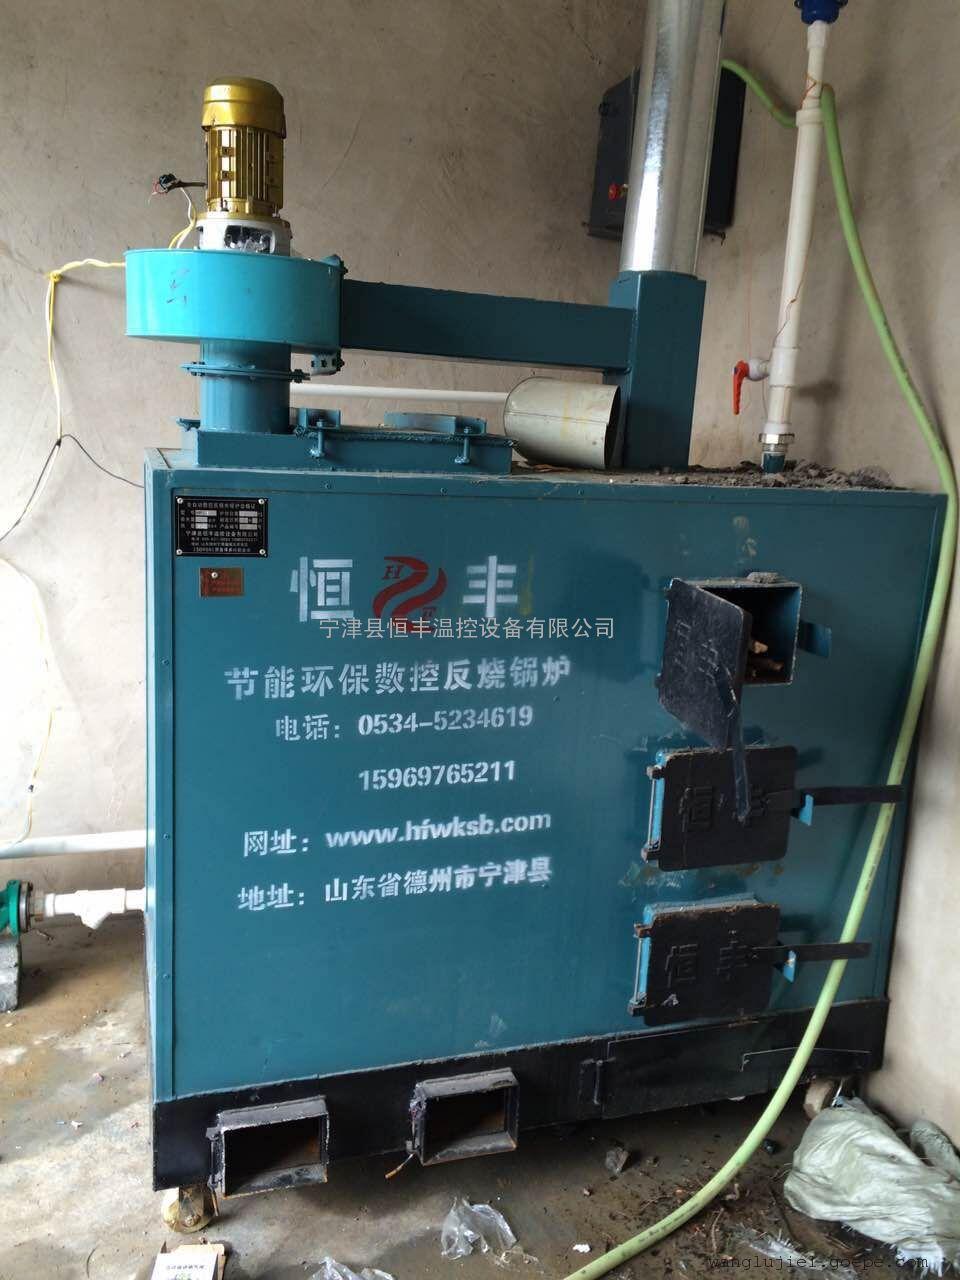 猪舍养殖水暖环保锅炉,养殖反烧温控锅炉在市场有利用价值